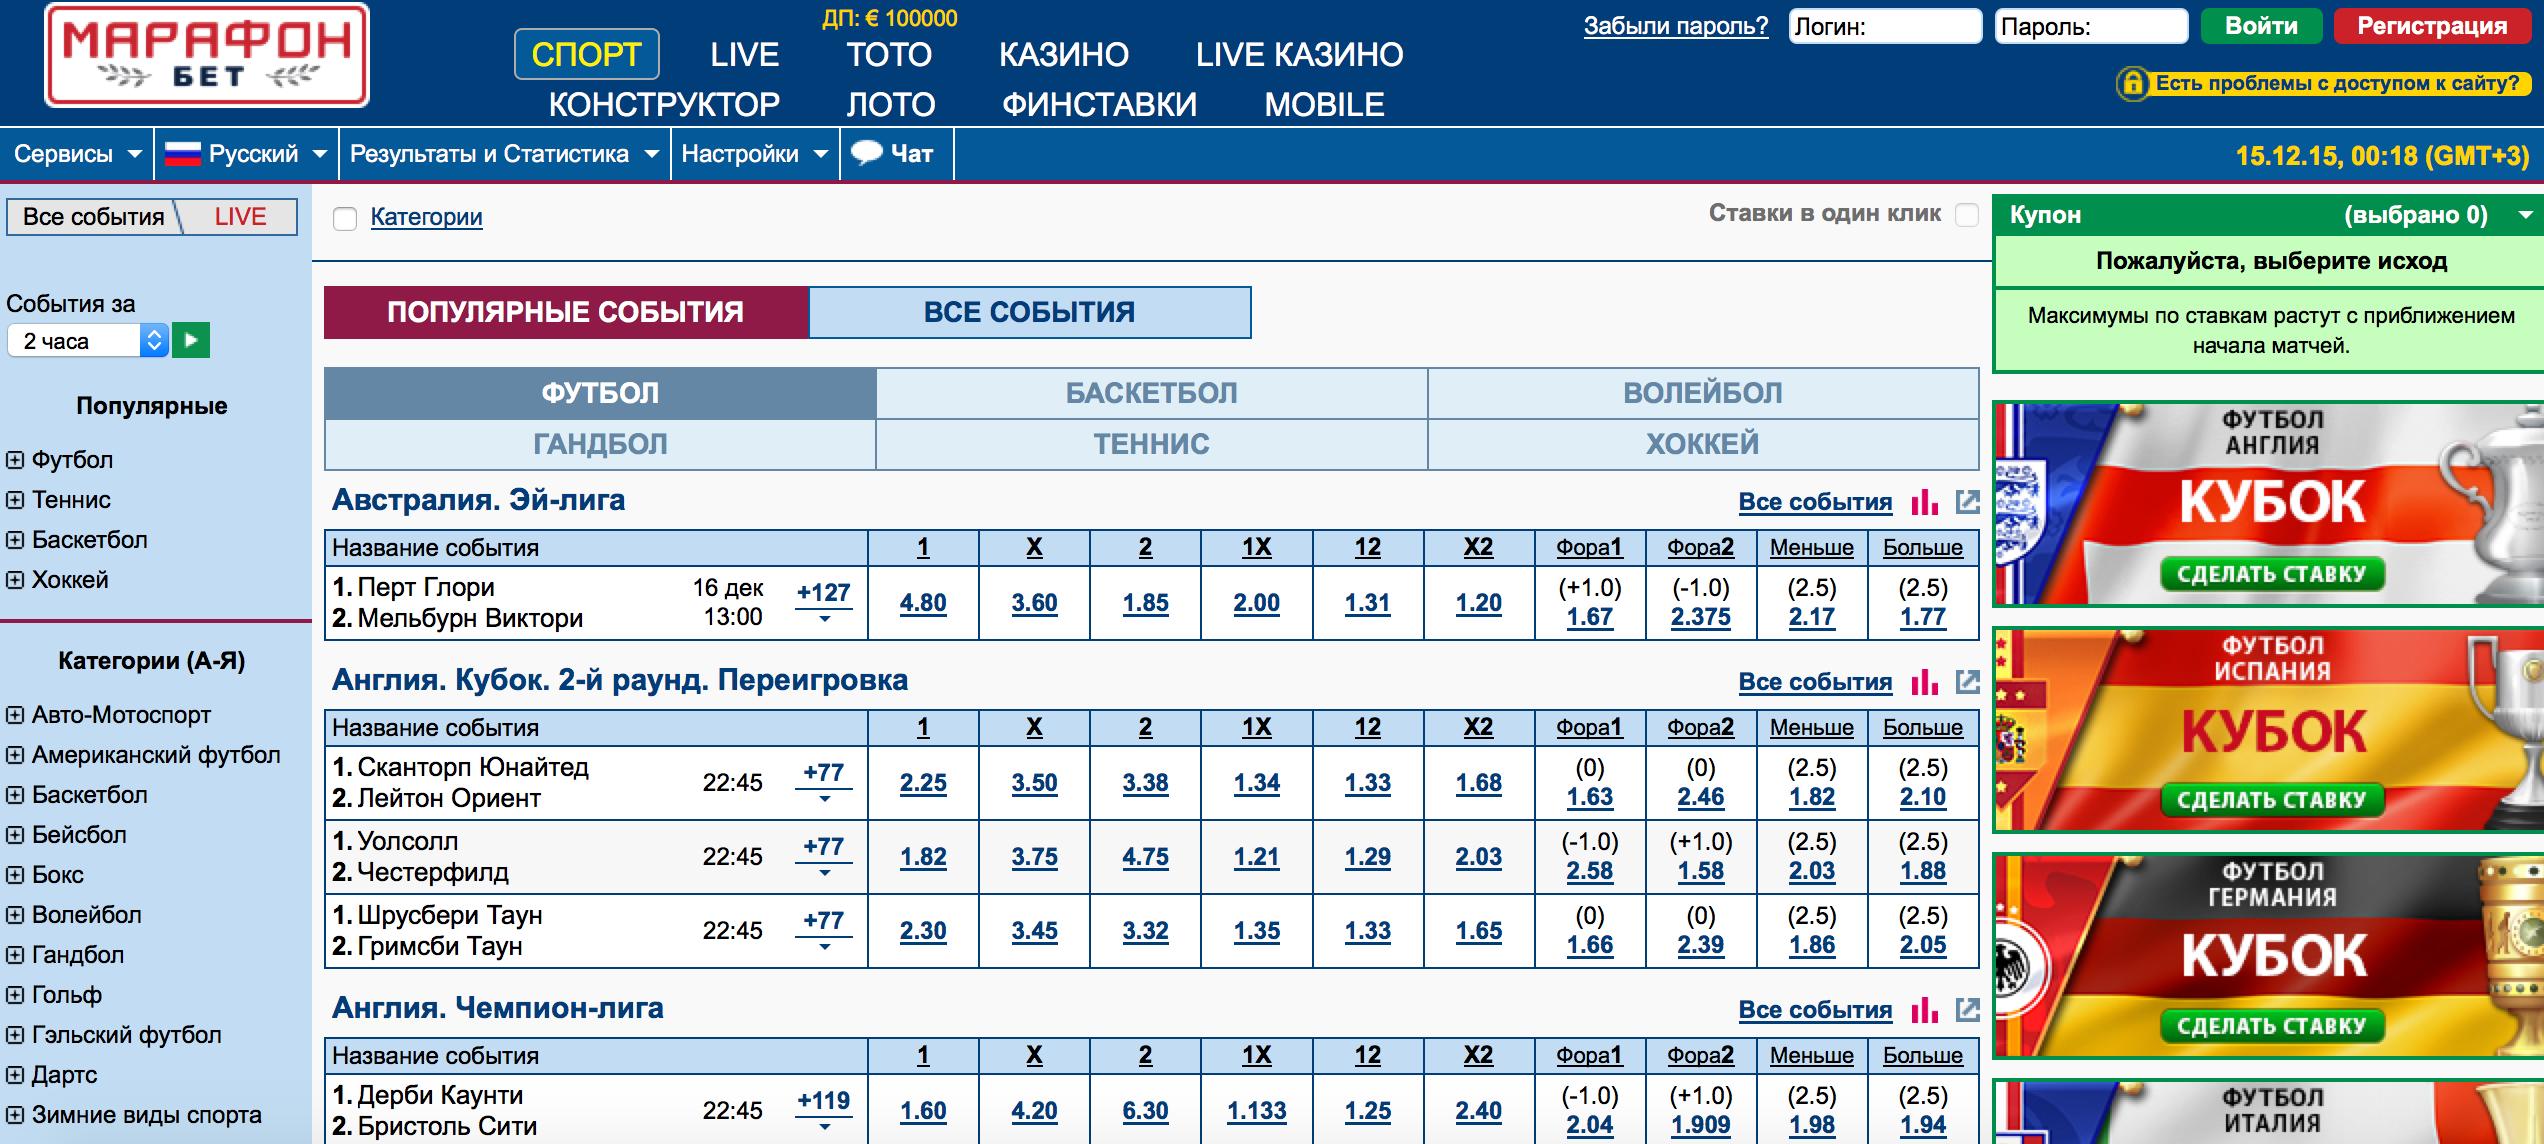 официальный сайт казино марафон зеркало альтернативный сайт